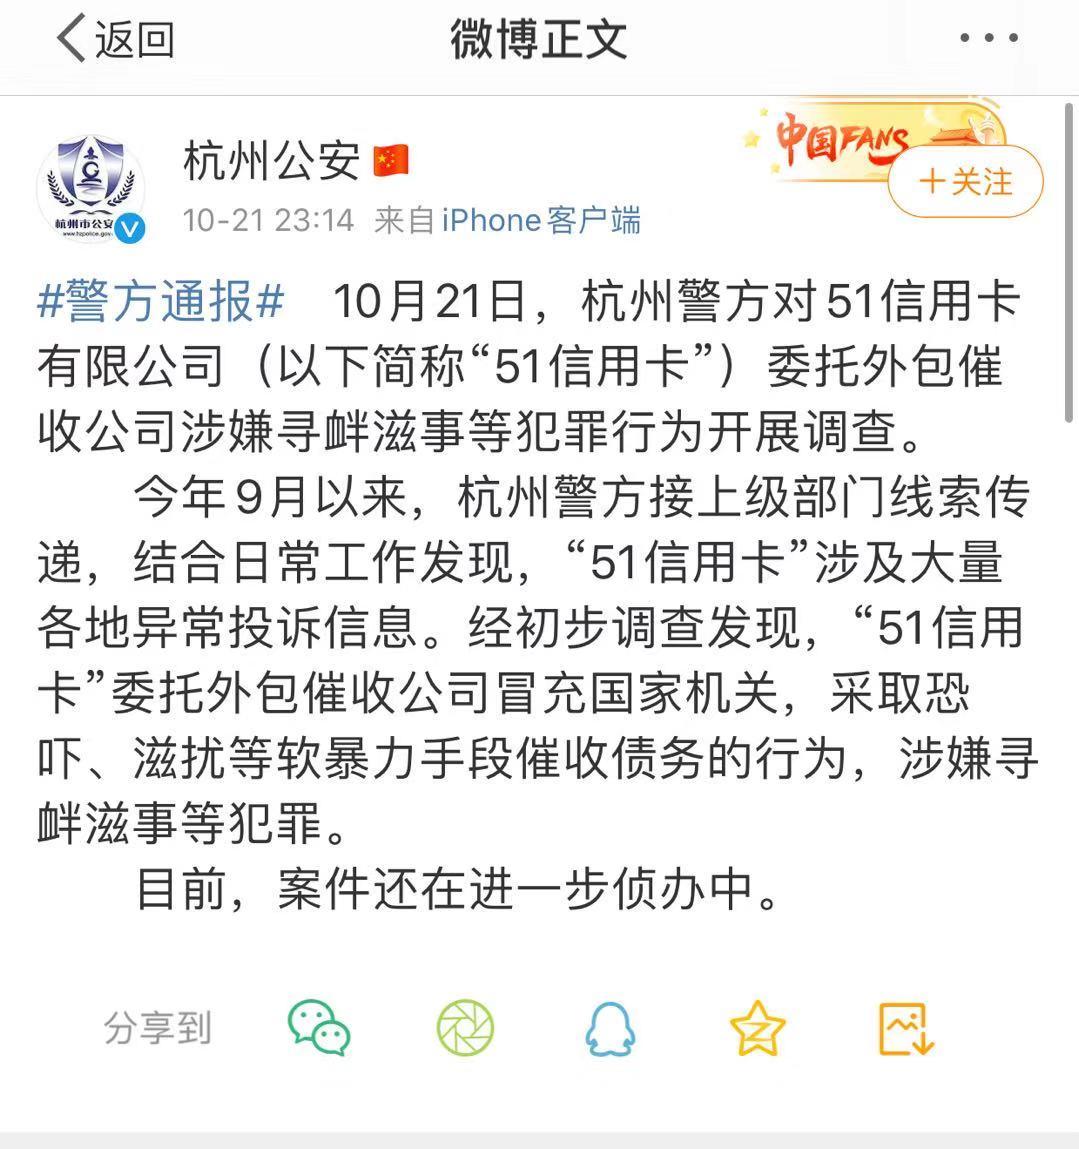 催收违规!51信用卡主席孙海涛、CFO赵轲应要求协助调查